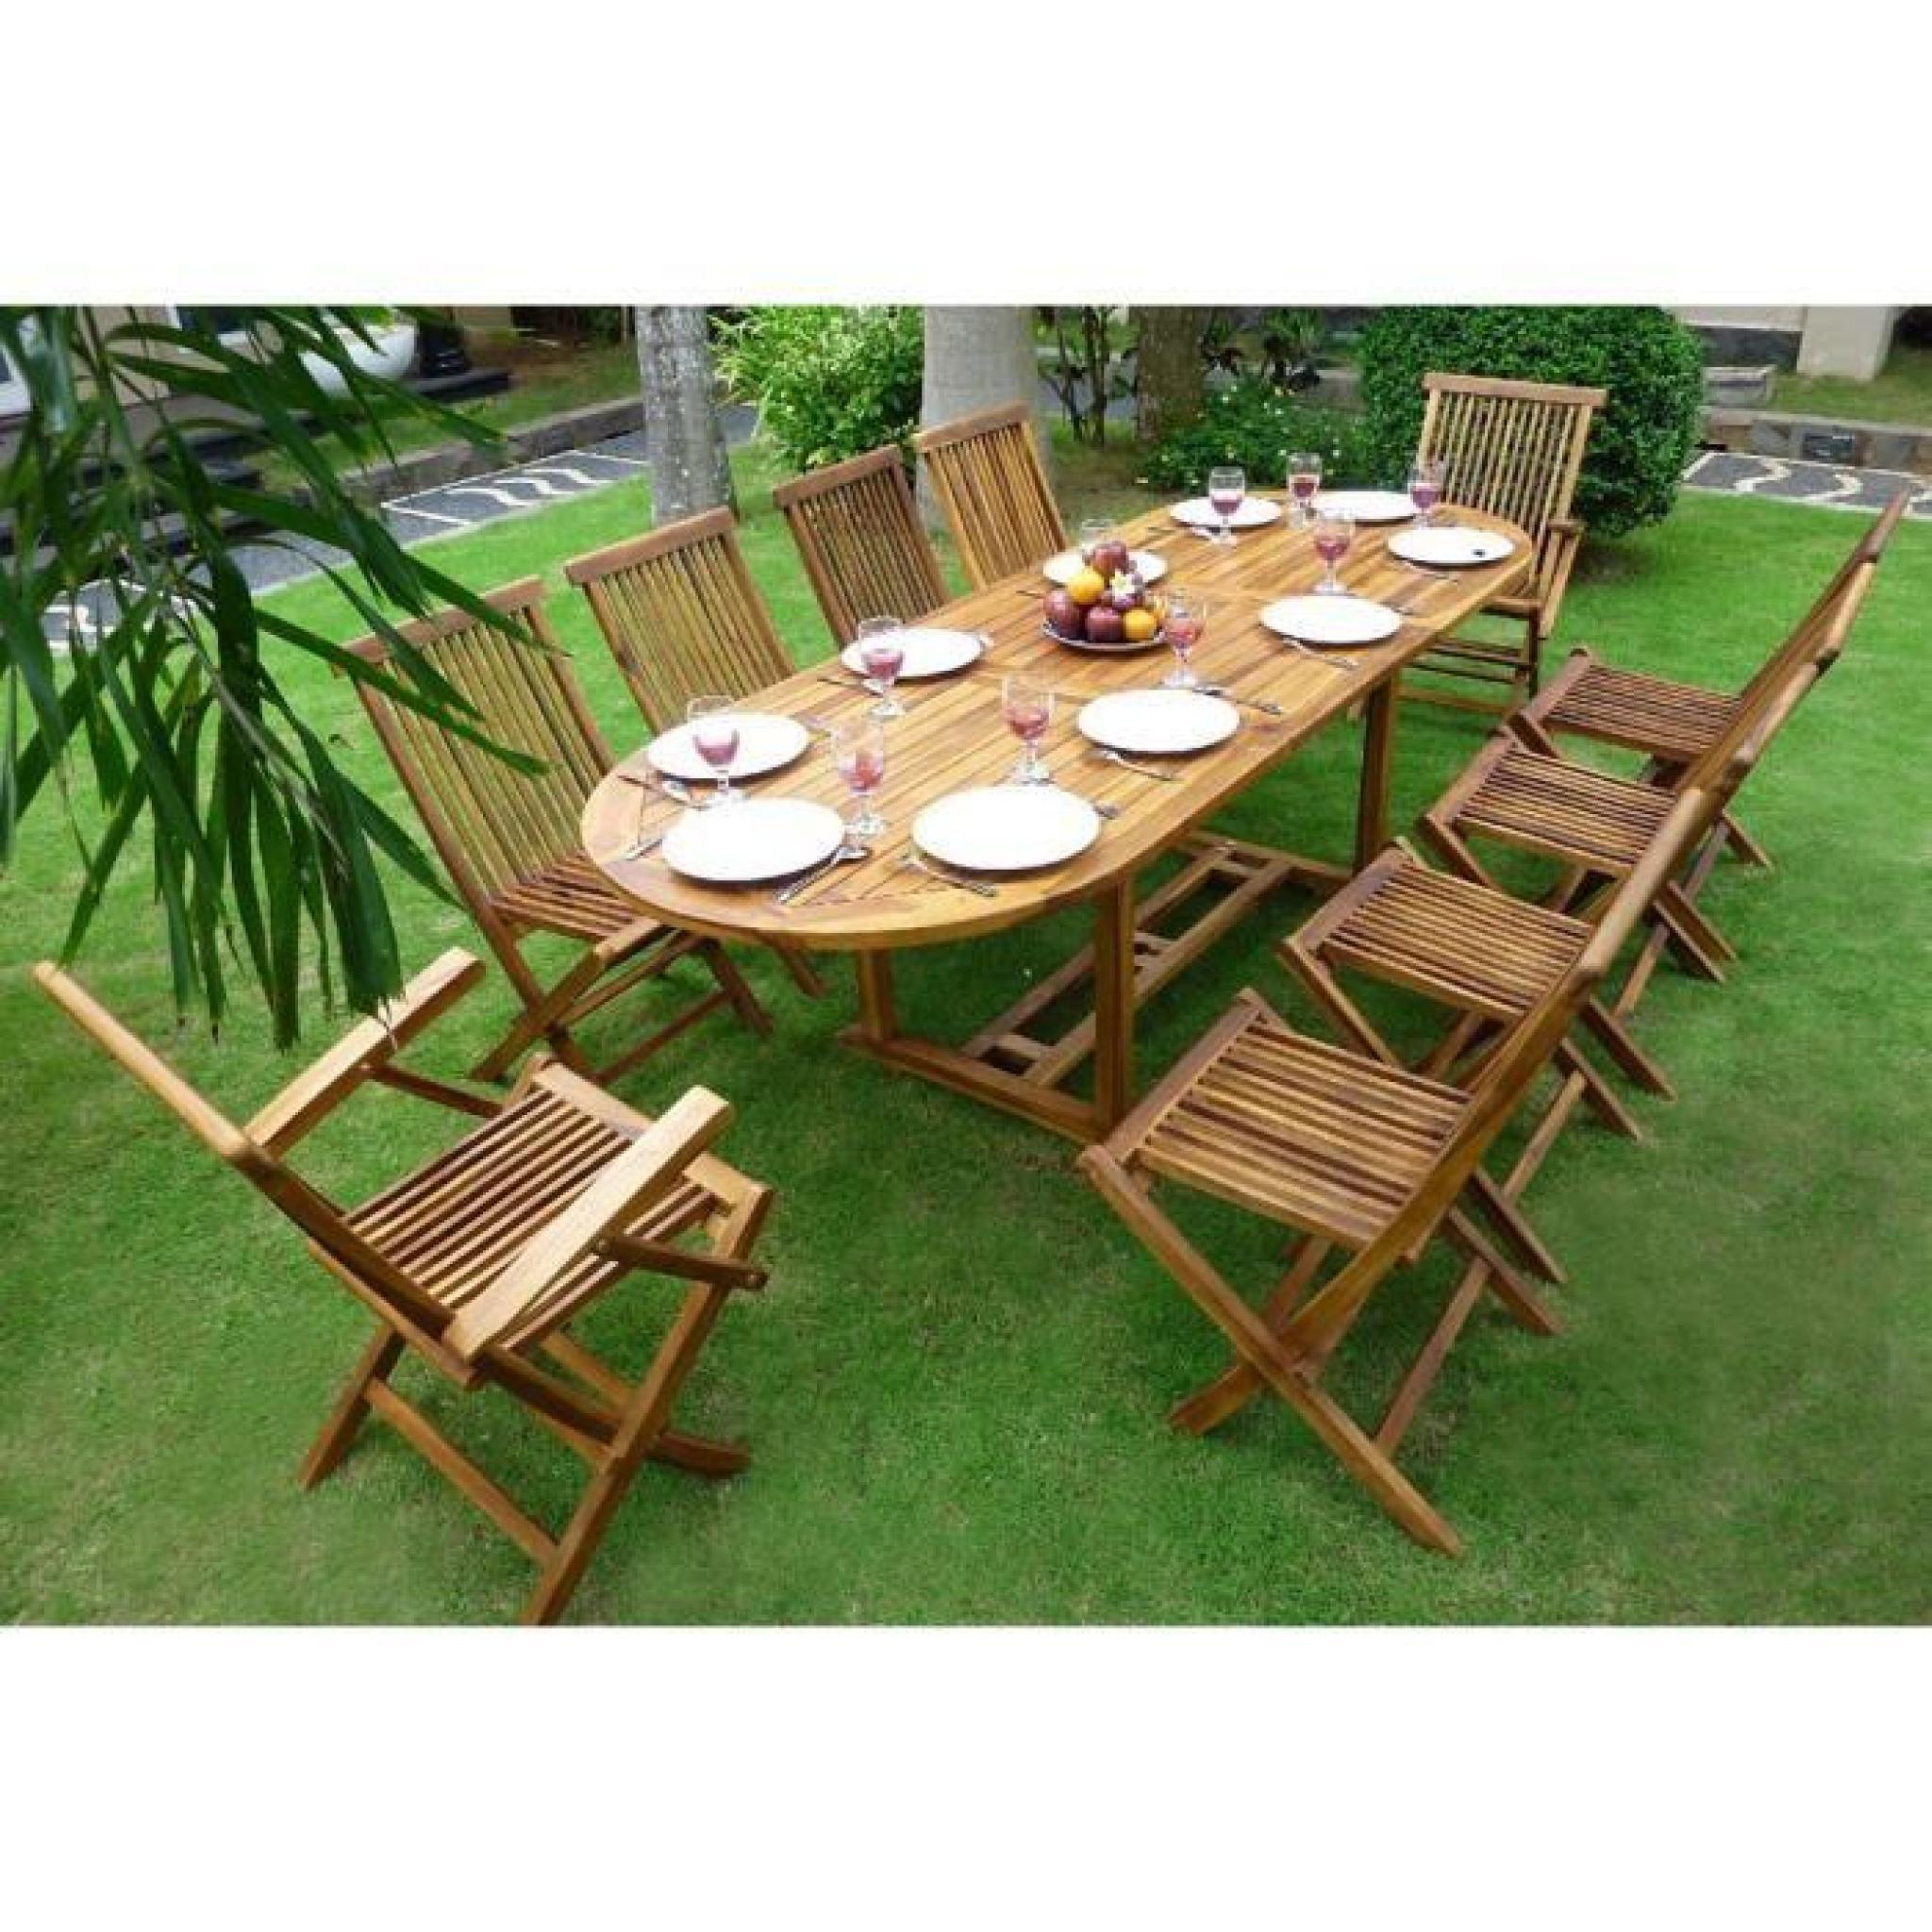 Salon De Jardin En Teck Huilé 10 Places - Table 180-240 Cm dedans Salon De Jardin 10 Personnes